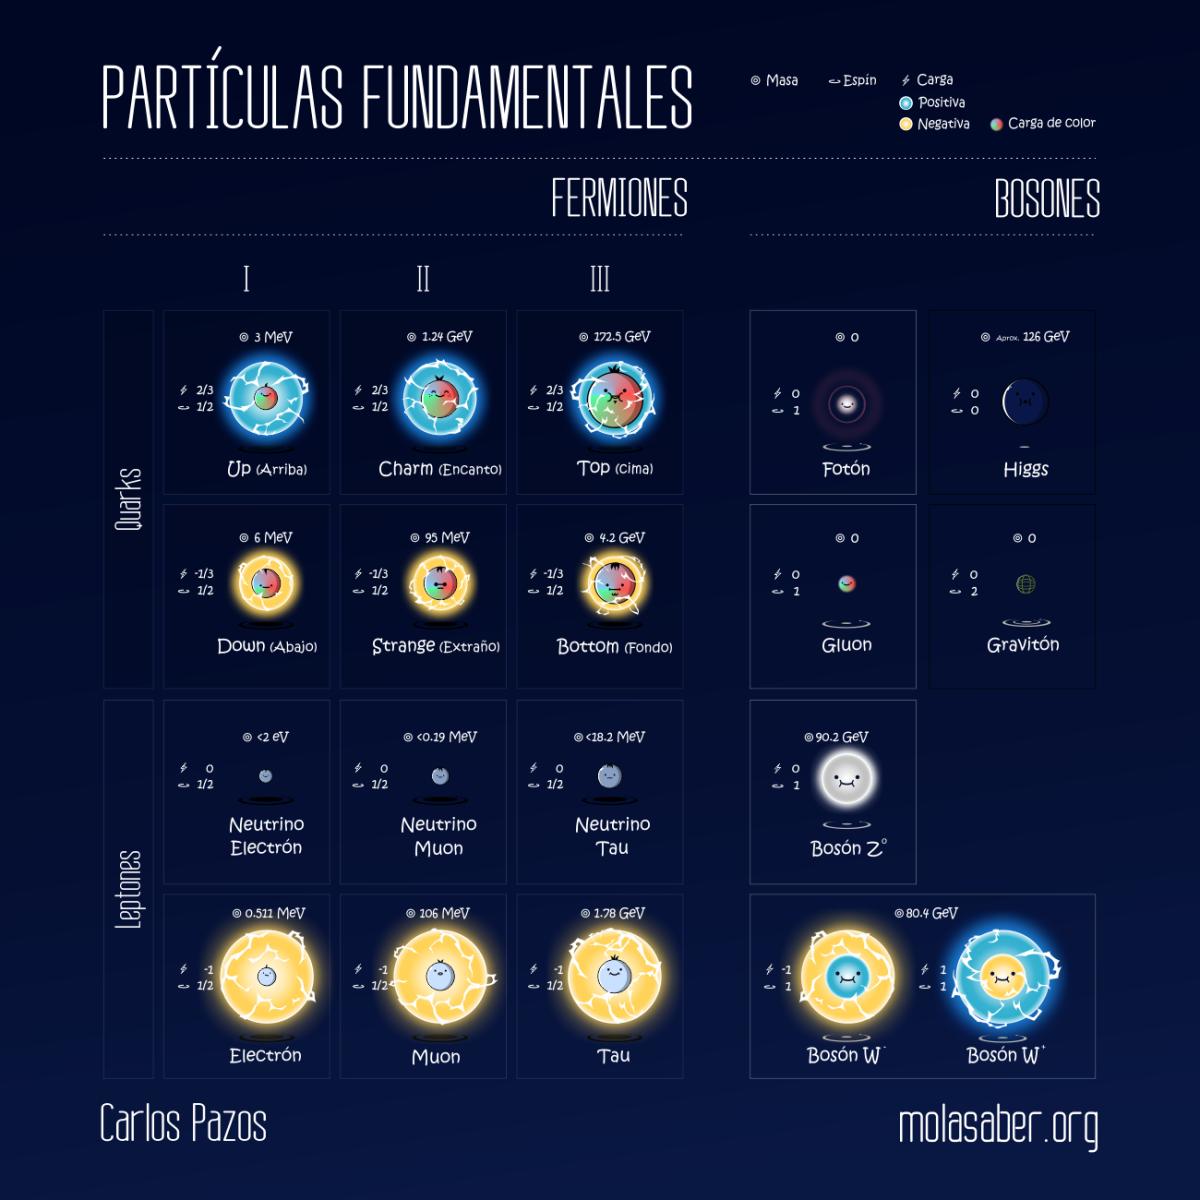 Partículas fundamentales del Modelo estándar